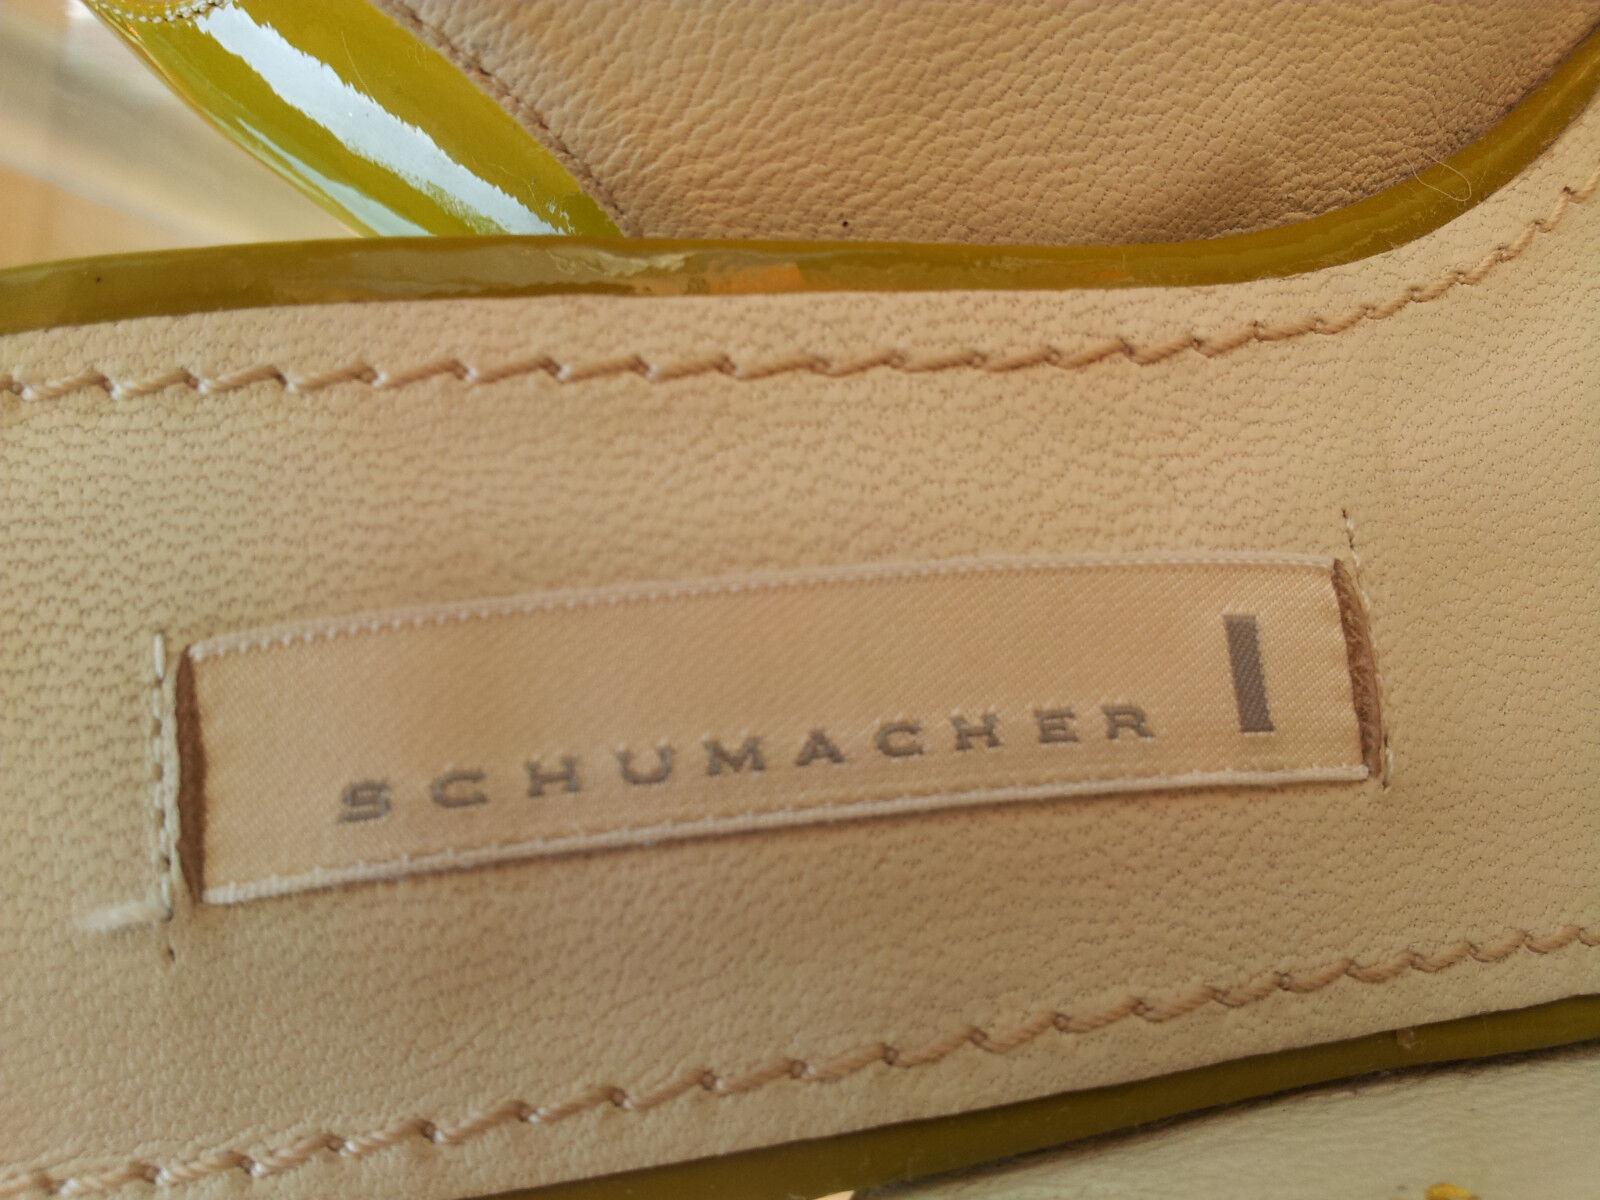 Schumacher Top Gr. Designer Lack Schuhe Gr. Top 37. NP 320,- 5f0816